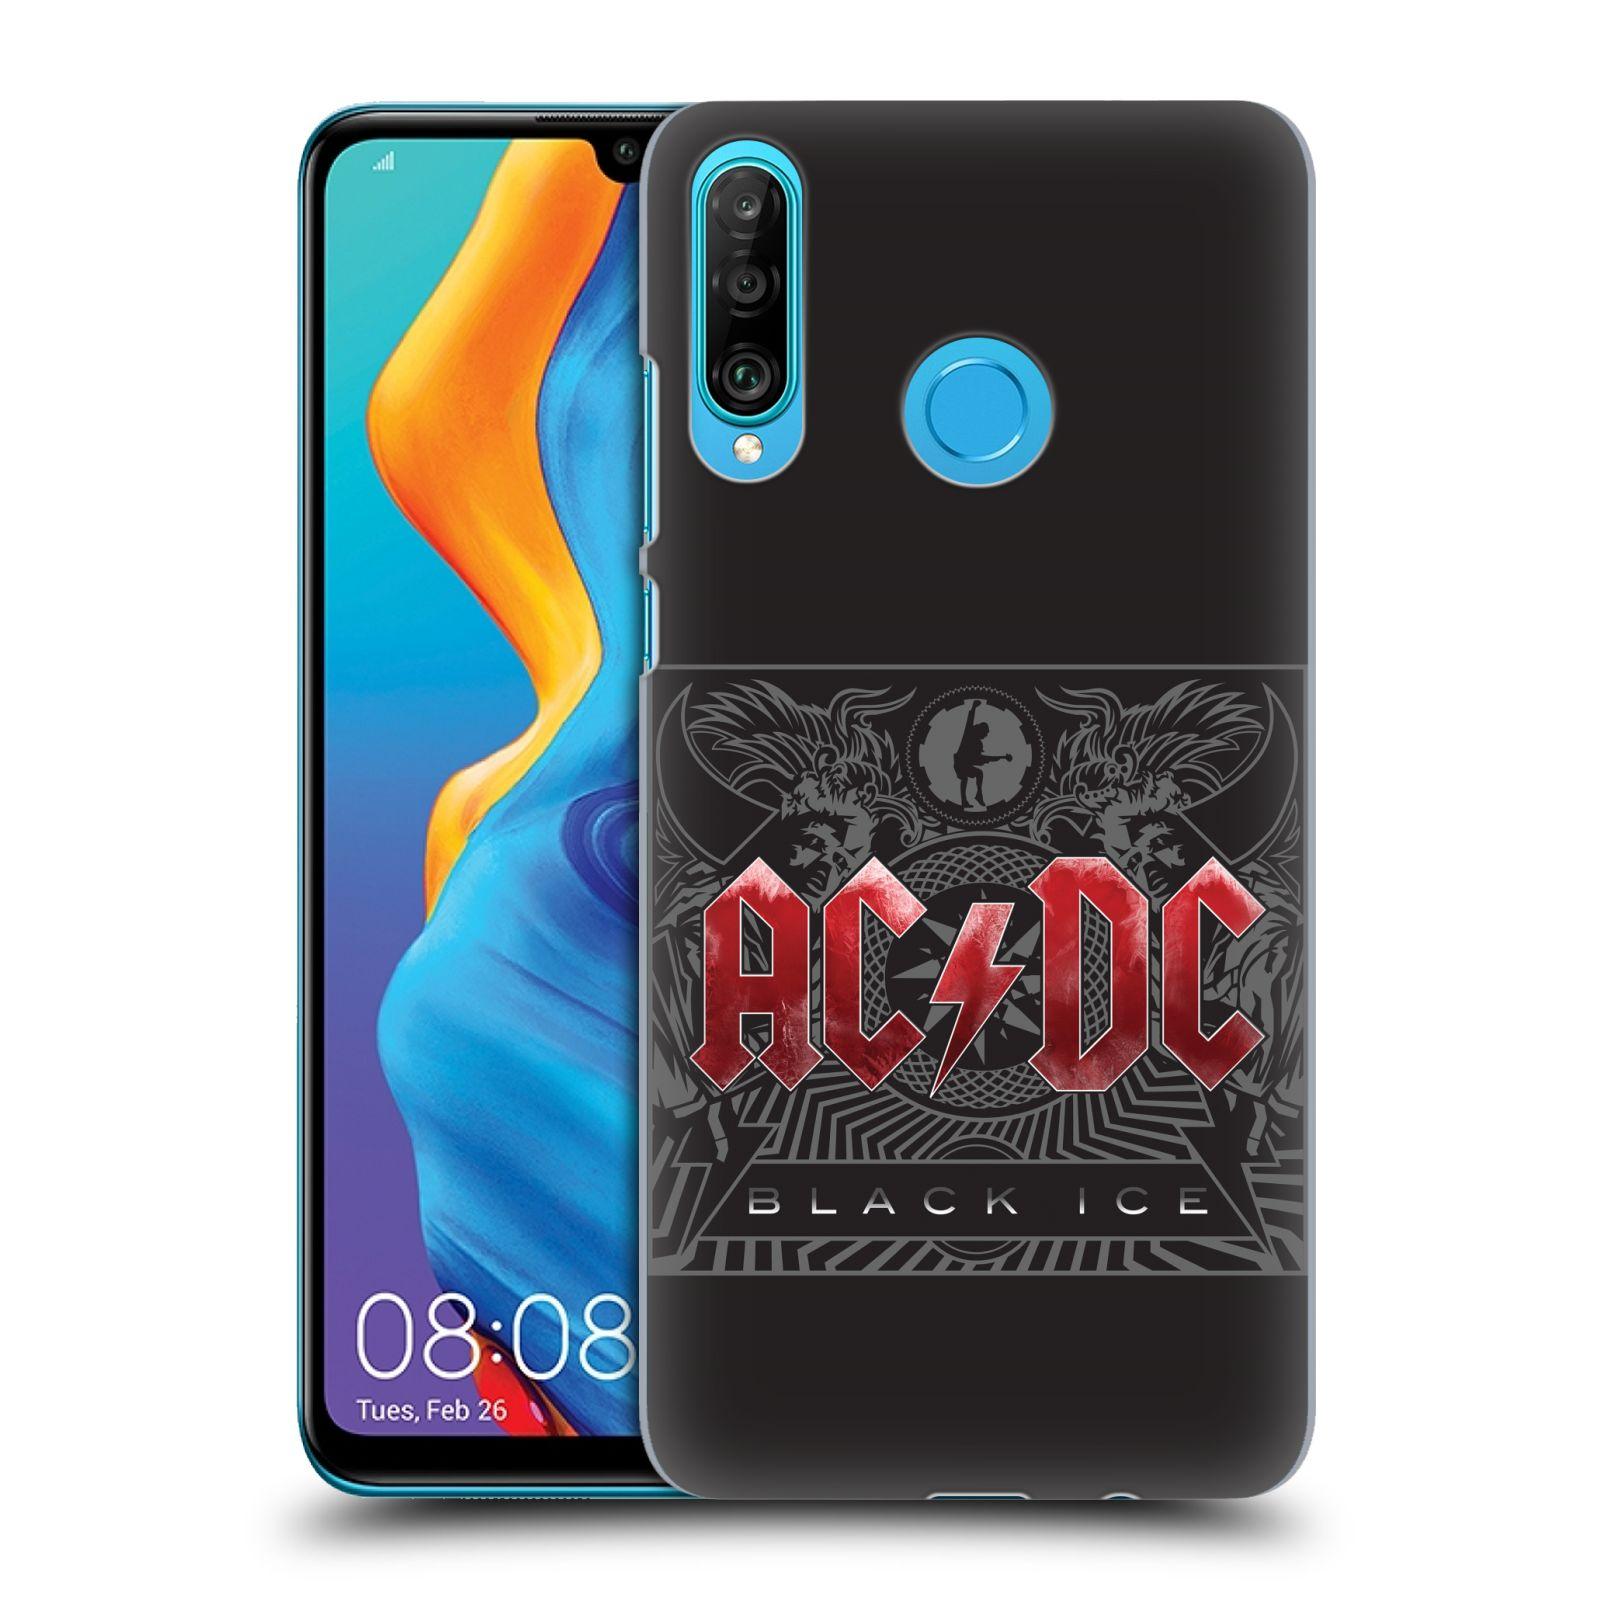 Plastové pouzdro na mobil Huawei P30 Lite - Head Case - AC/DC Black Ice